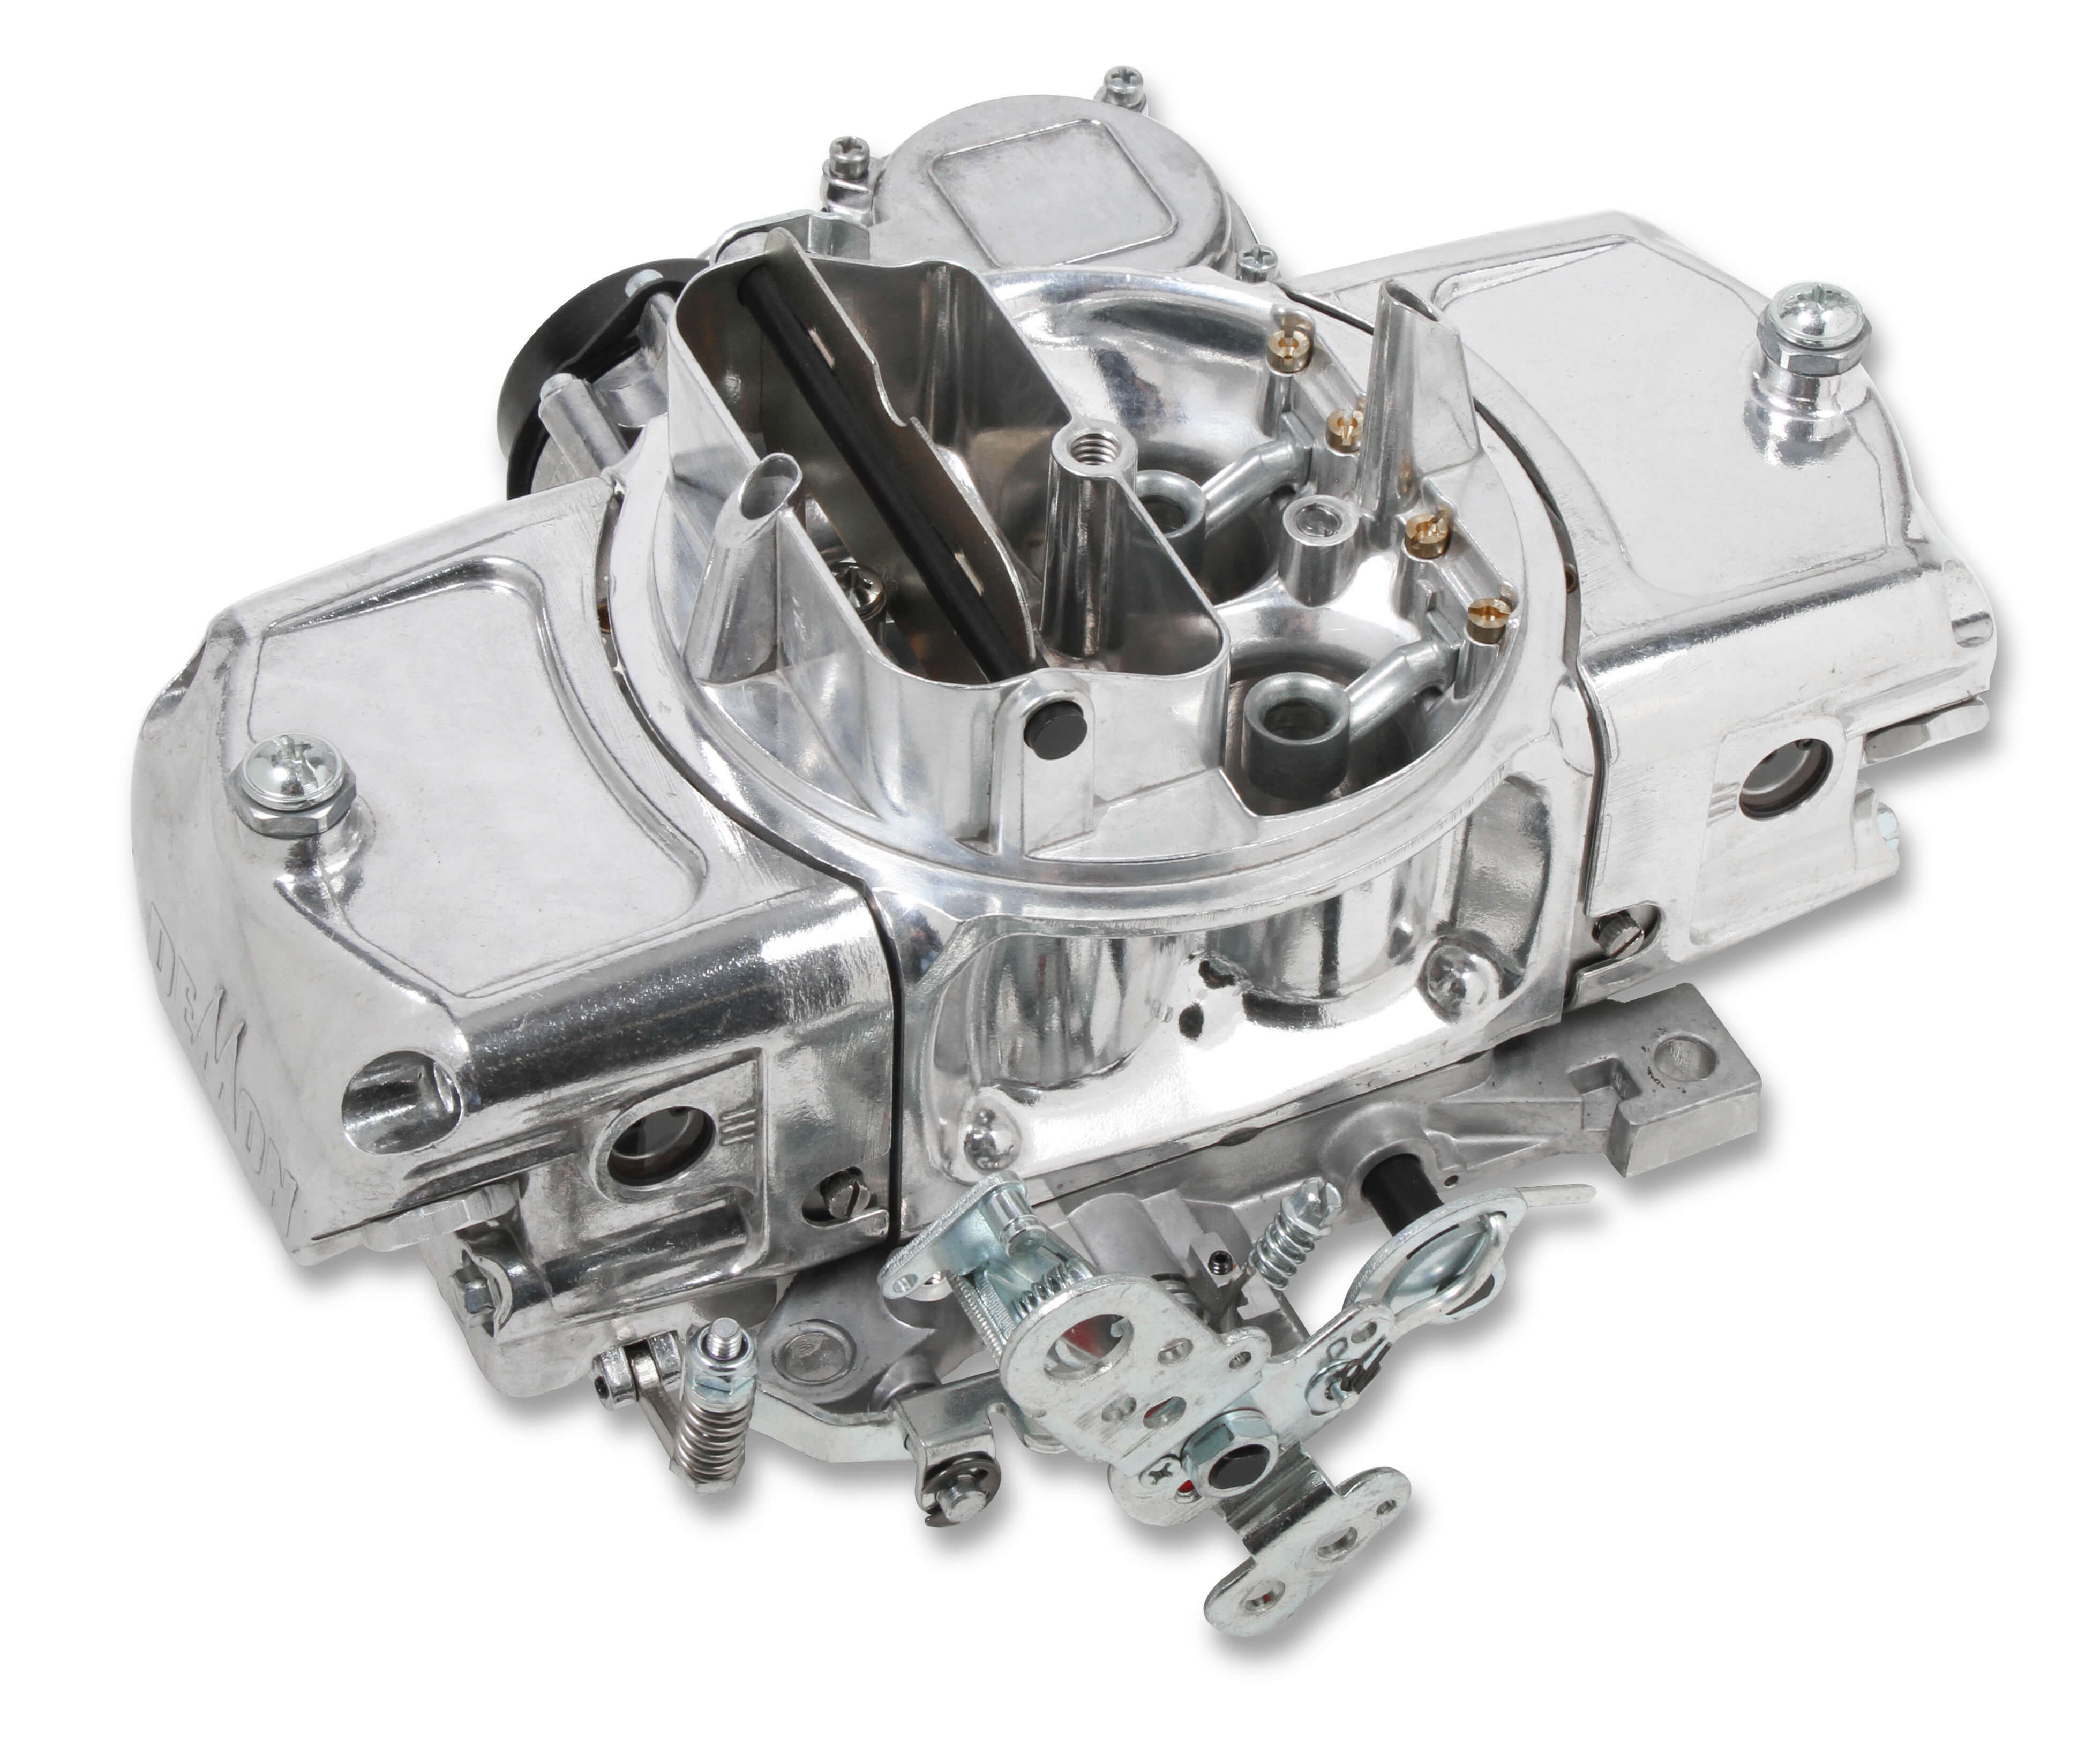 Demon Carburetion RDA-750-VS Carburetor Road Demon 750 CFM